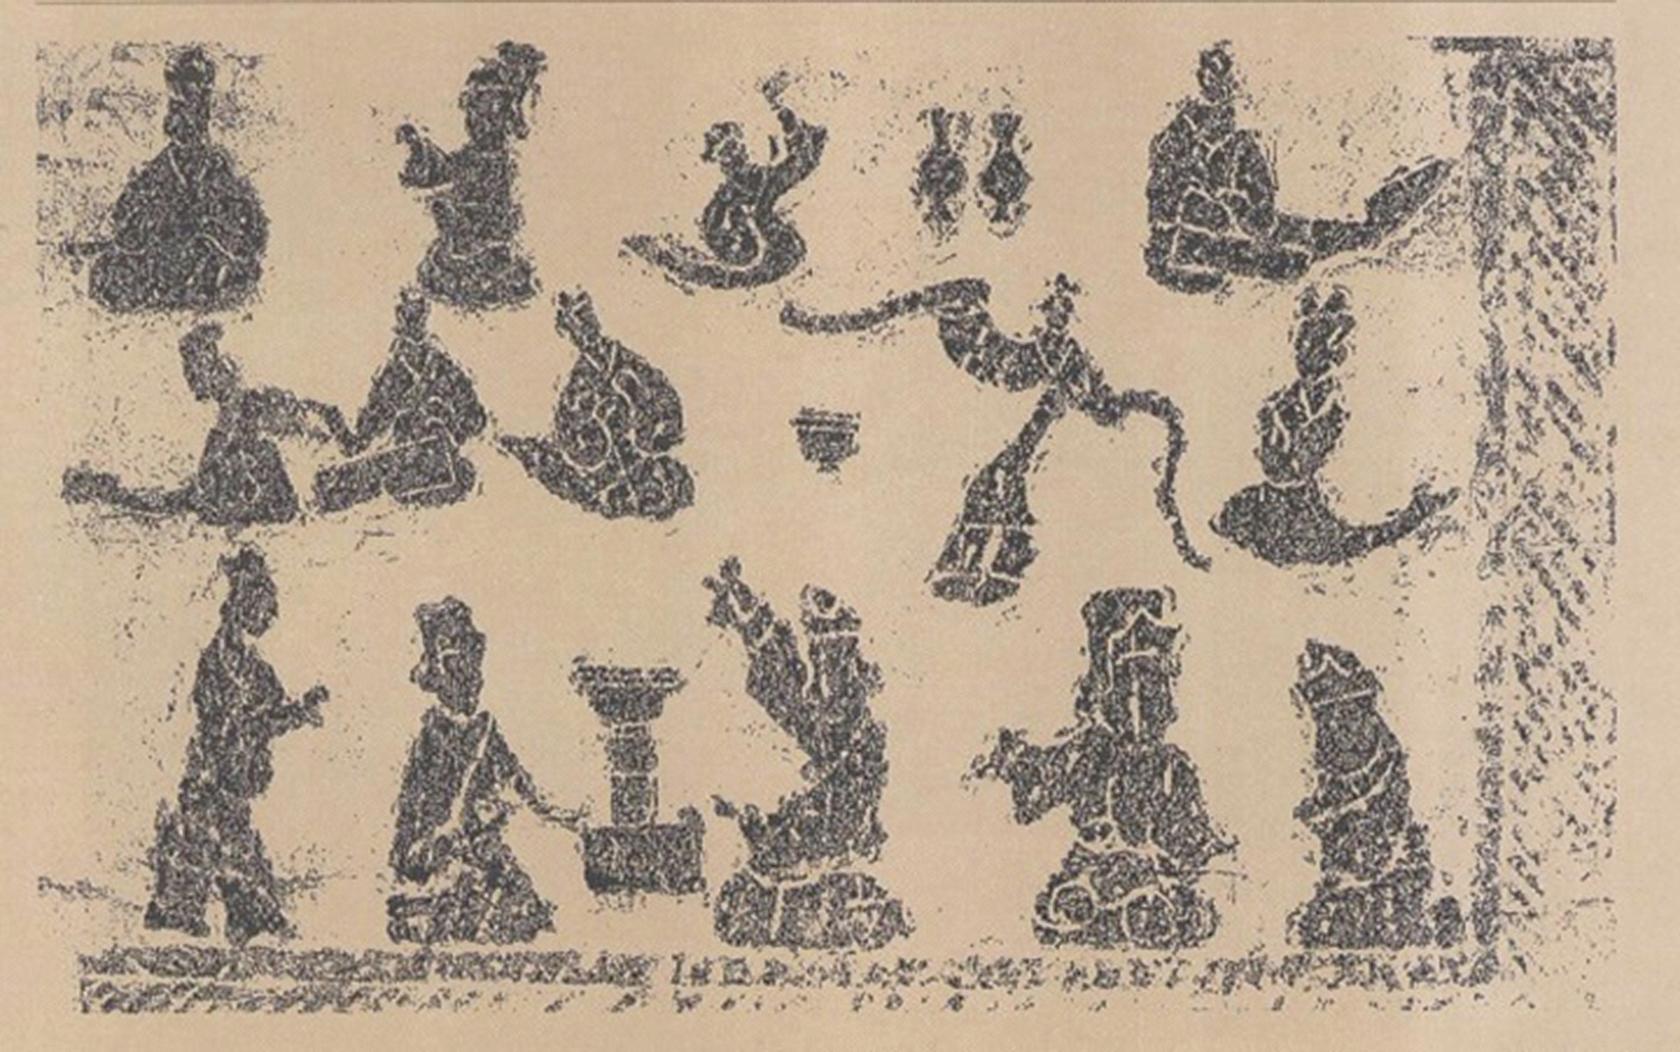 漢‧樂舞畫像石(公有領域)